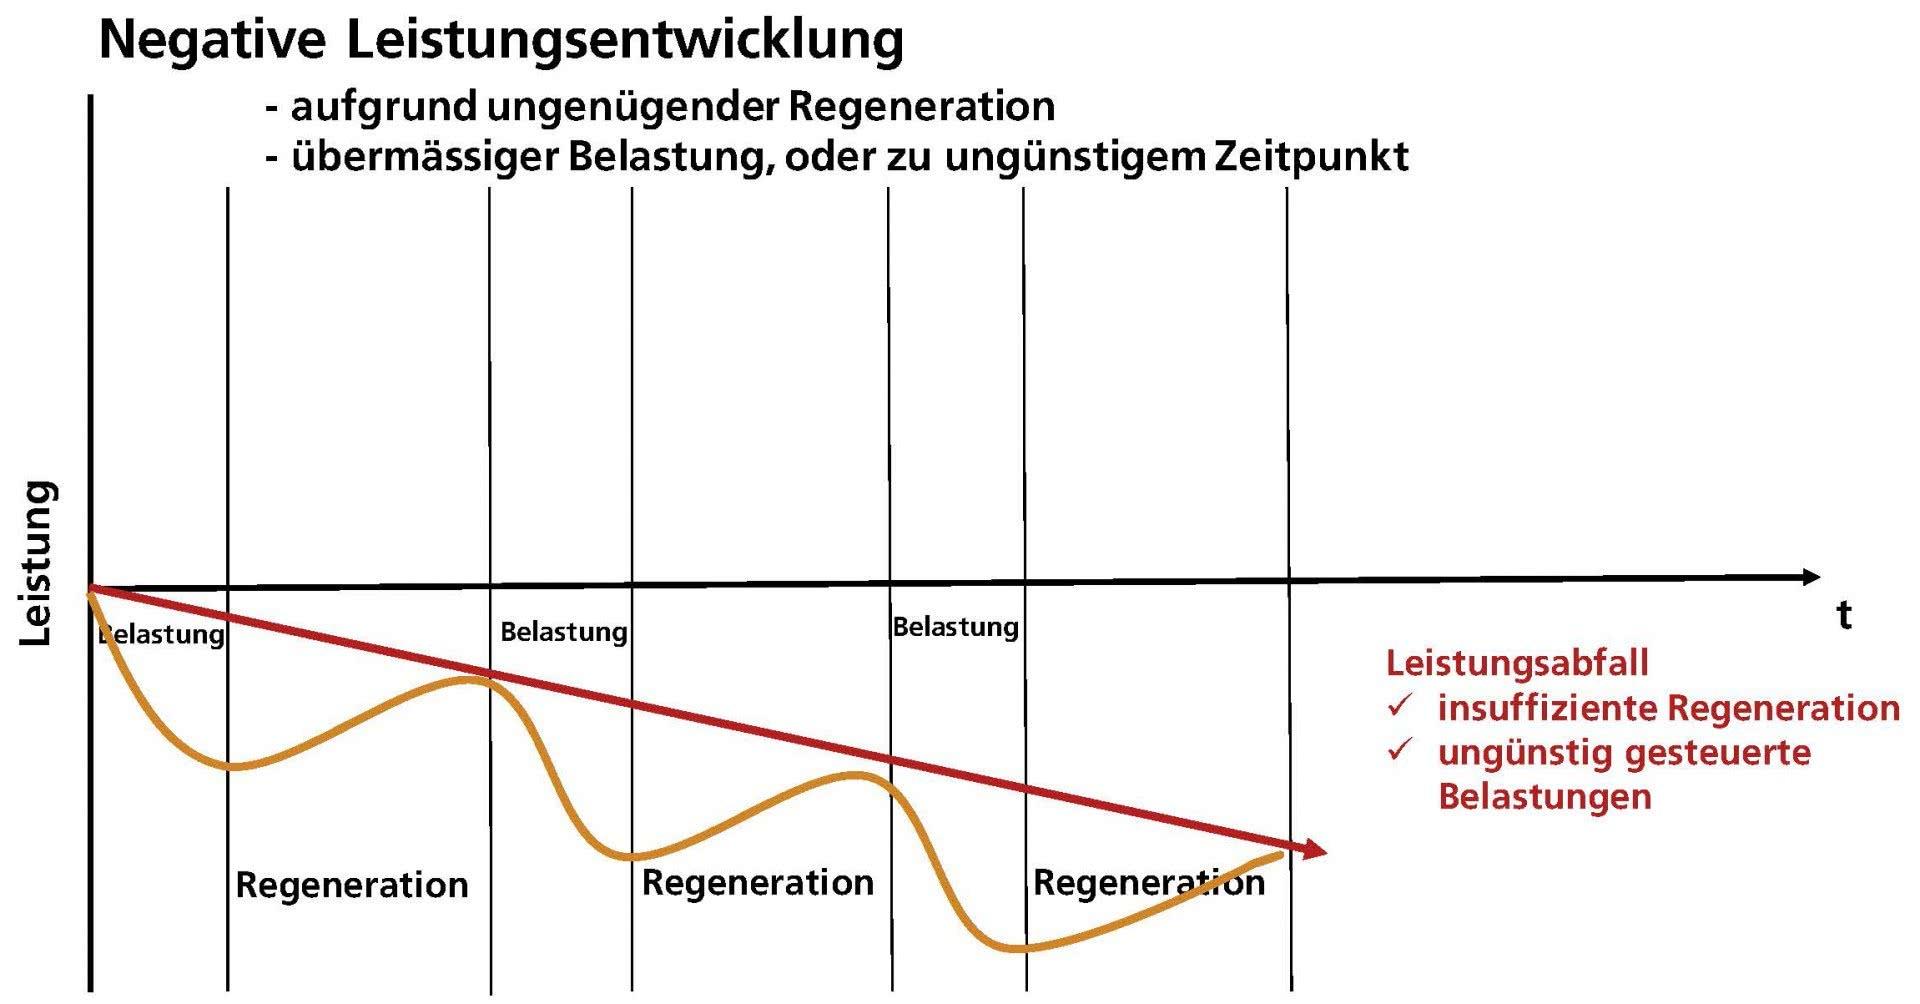 Grafik: negative Leistungsentwicklung.